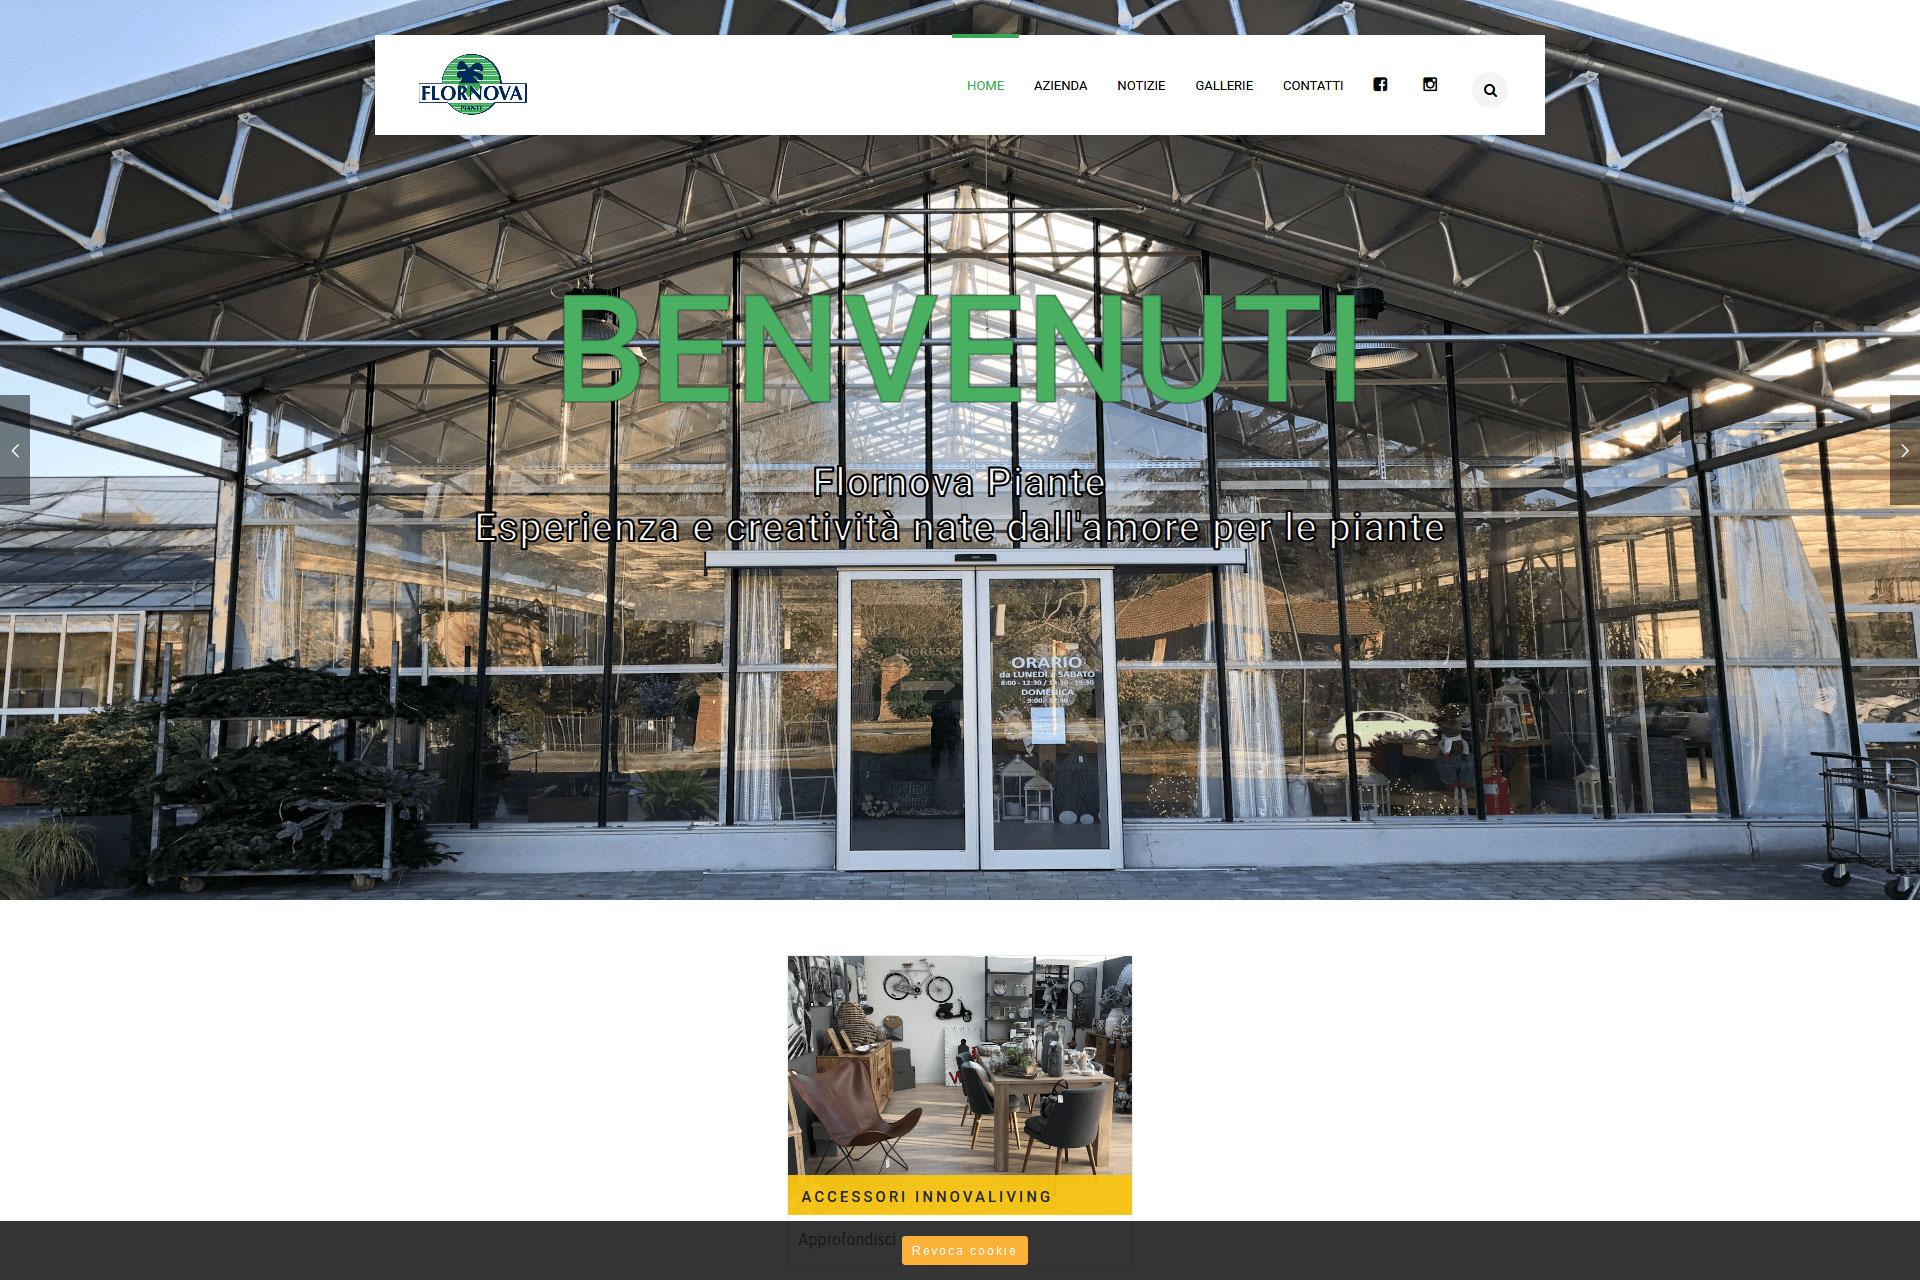 lv-design-realizzazione-siti-web-bologna-portfolio-flornova-piante-slide-1